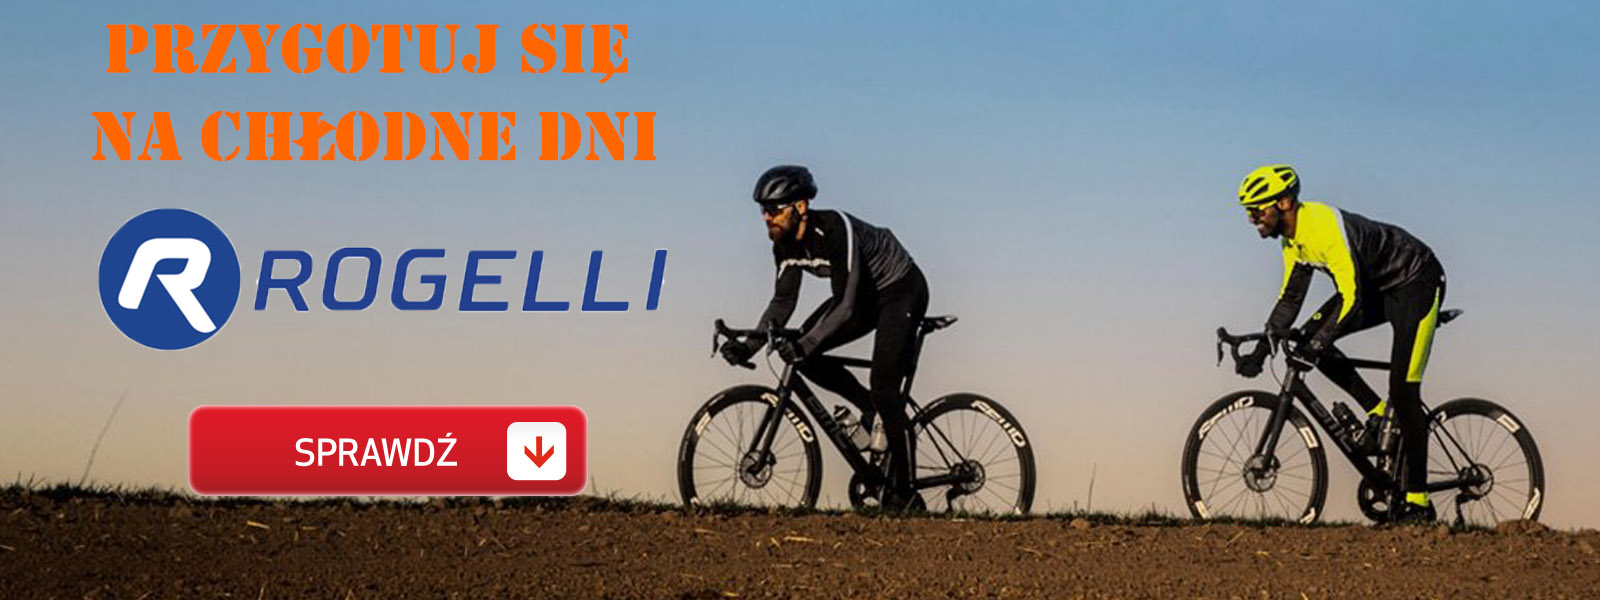 Zimowa odzież rowerowa Rogelli. Profesjonalna odzież rowerowa Rogelli, która zapewni Ci komfort kazdy w zimowych warunkach